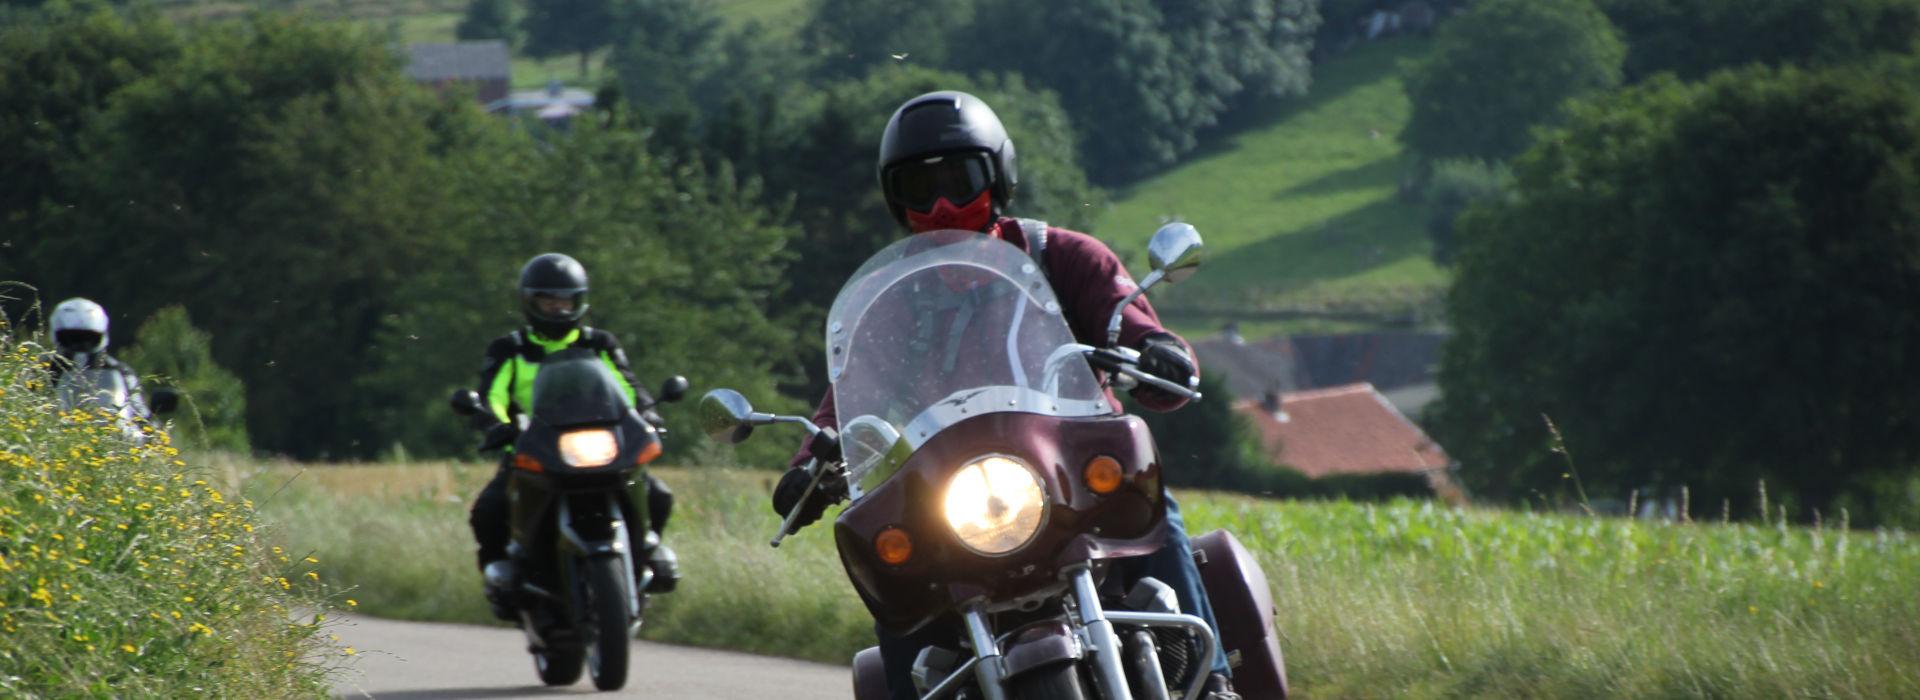 Motorrijbewijspoint Nijswiller spoed motorrijbewijs